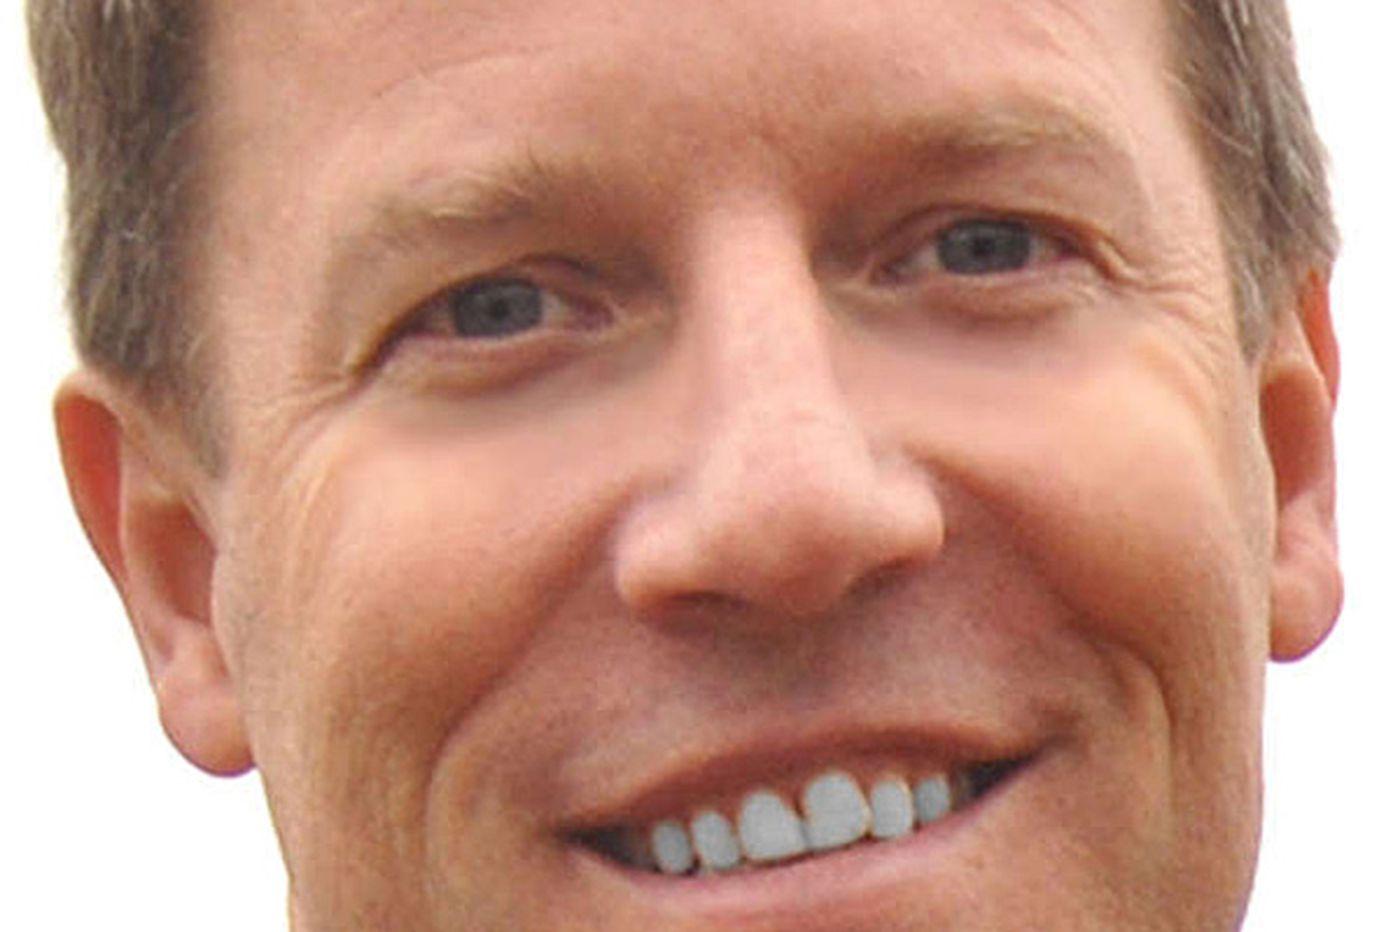 Malvern Democrat to run for Gerlach seat